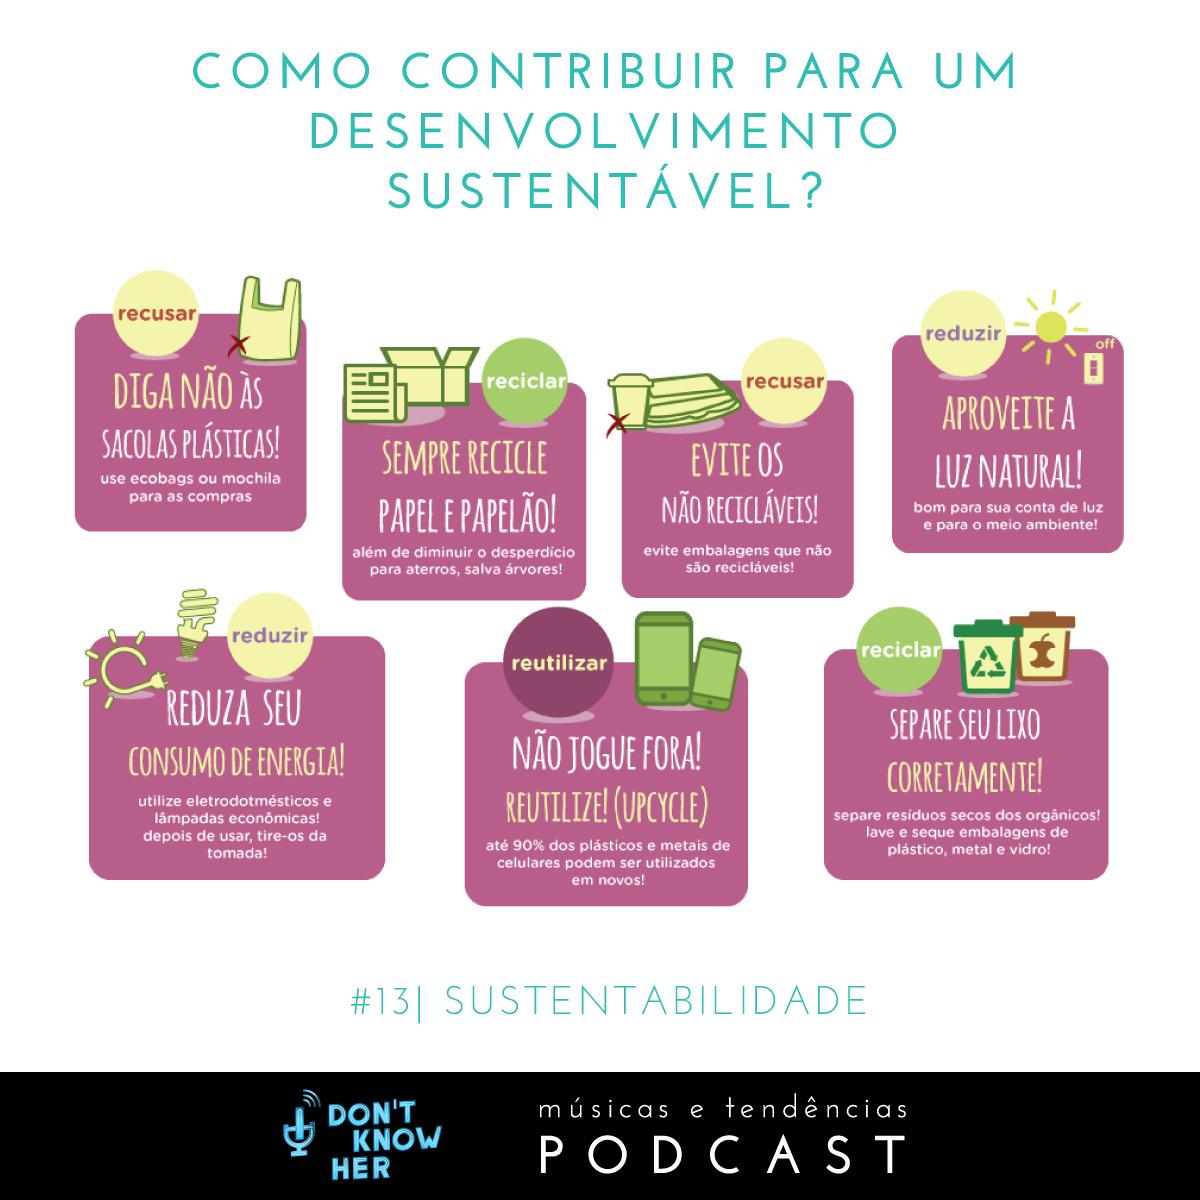 Algumas dicas para ser mais #sustentável e colaborar para o #meioambiente. https://idkh.home.blog/  #sustentabilidade #socioambiental #maisamor #ameanatureza #salveanatureza #sustentabilidadecriativa #sustentabilidadebrasil #meioambiente #podcastbrasil #podcastpt #podcastbrpic.twitter.com/YRQdPqsKhH